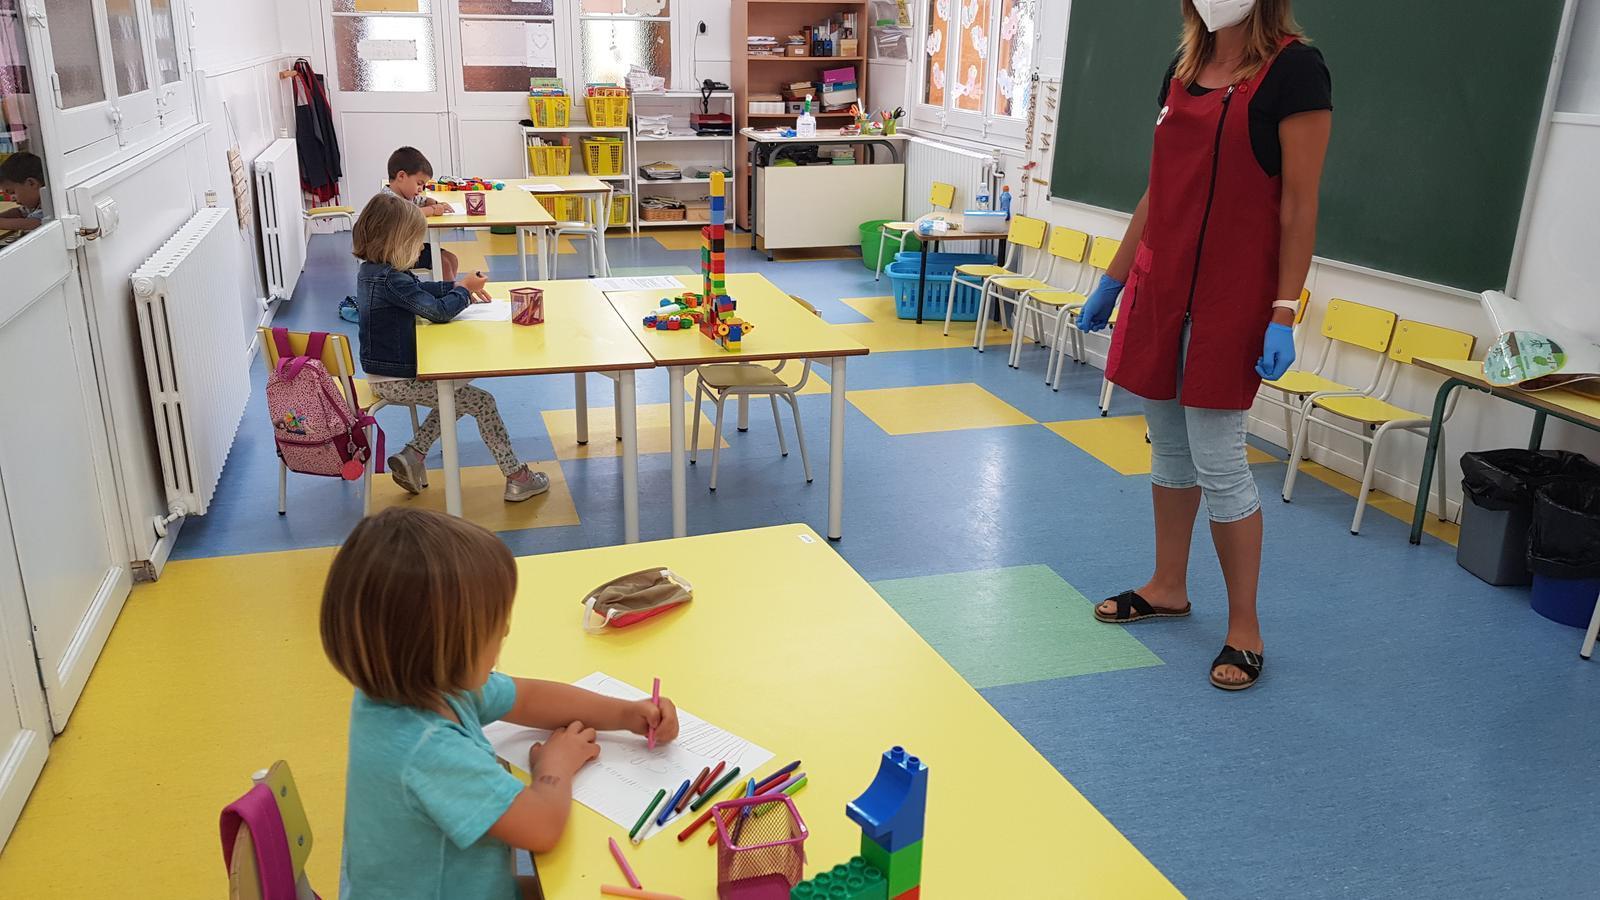 De la seixantena d'alumnes d'infantil de l'escola Vedruna d'Arbúcies, només tres han tornat a les classes